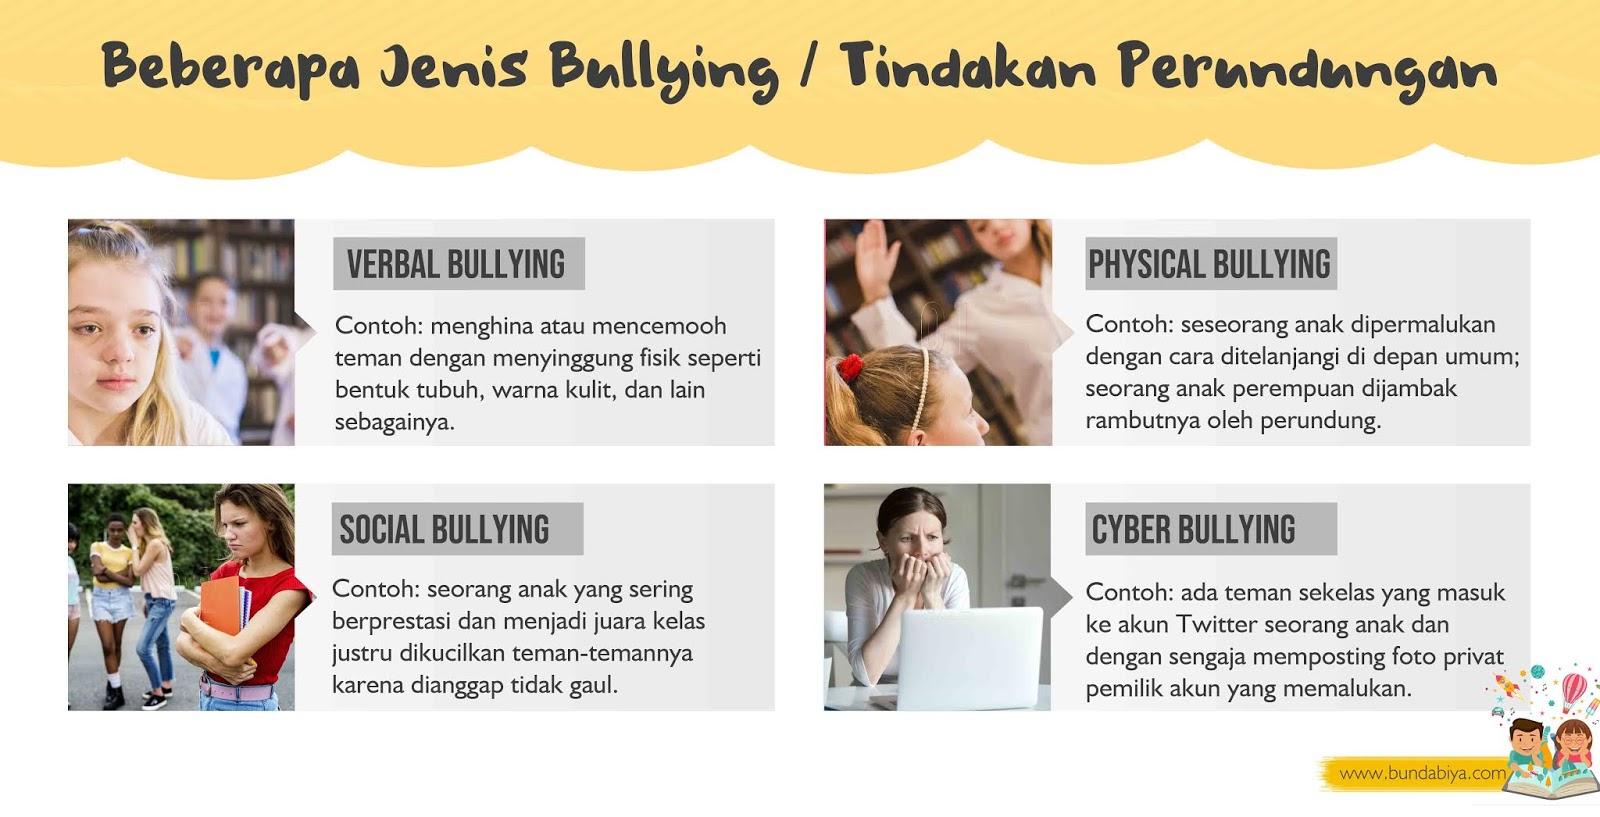 lomba blog sahabat keluarga kemdikbud, macam-macam bullying, bullying adalah, tindakan perundungan adalah, jenis bullying, penyebab bullying, data bullying di indonesia, cara mengatasi bullying, verbal bullying, cyber verbal bullying, keluarga terlibat, peran keluarga mengatasi bullying, era kekinian, pelibatan keluarga pada penyelenggaraan pendidikan di era kekinian